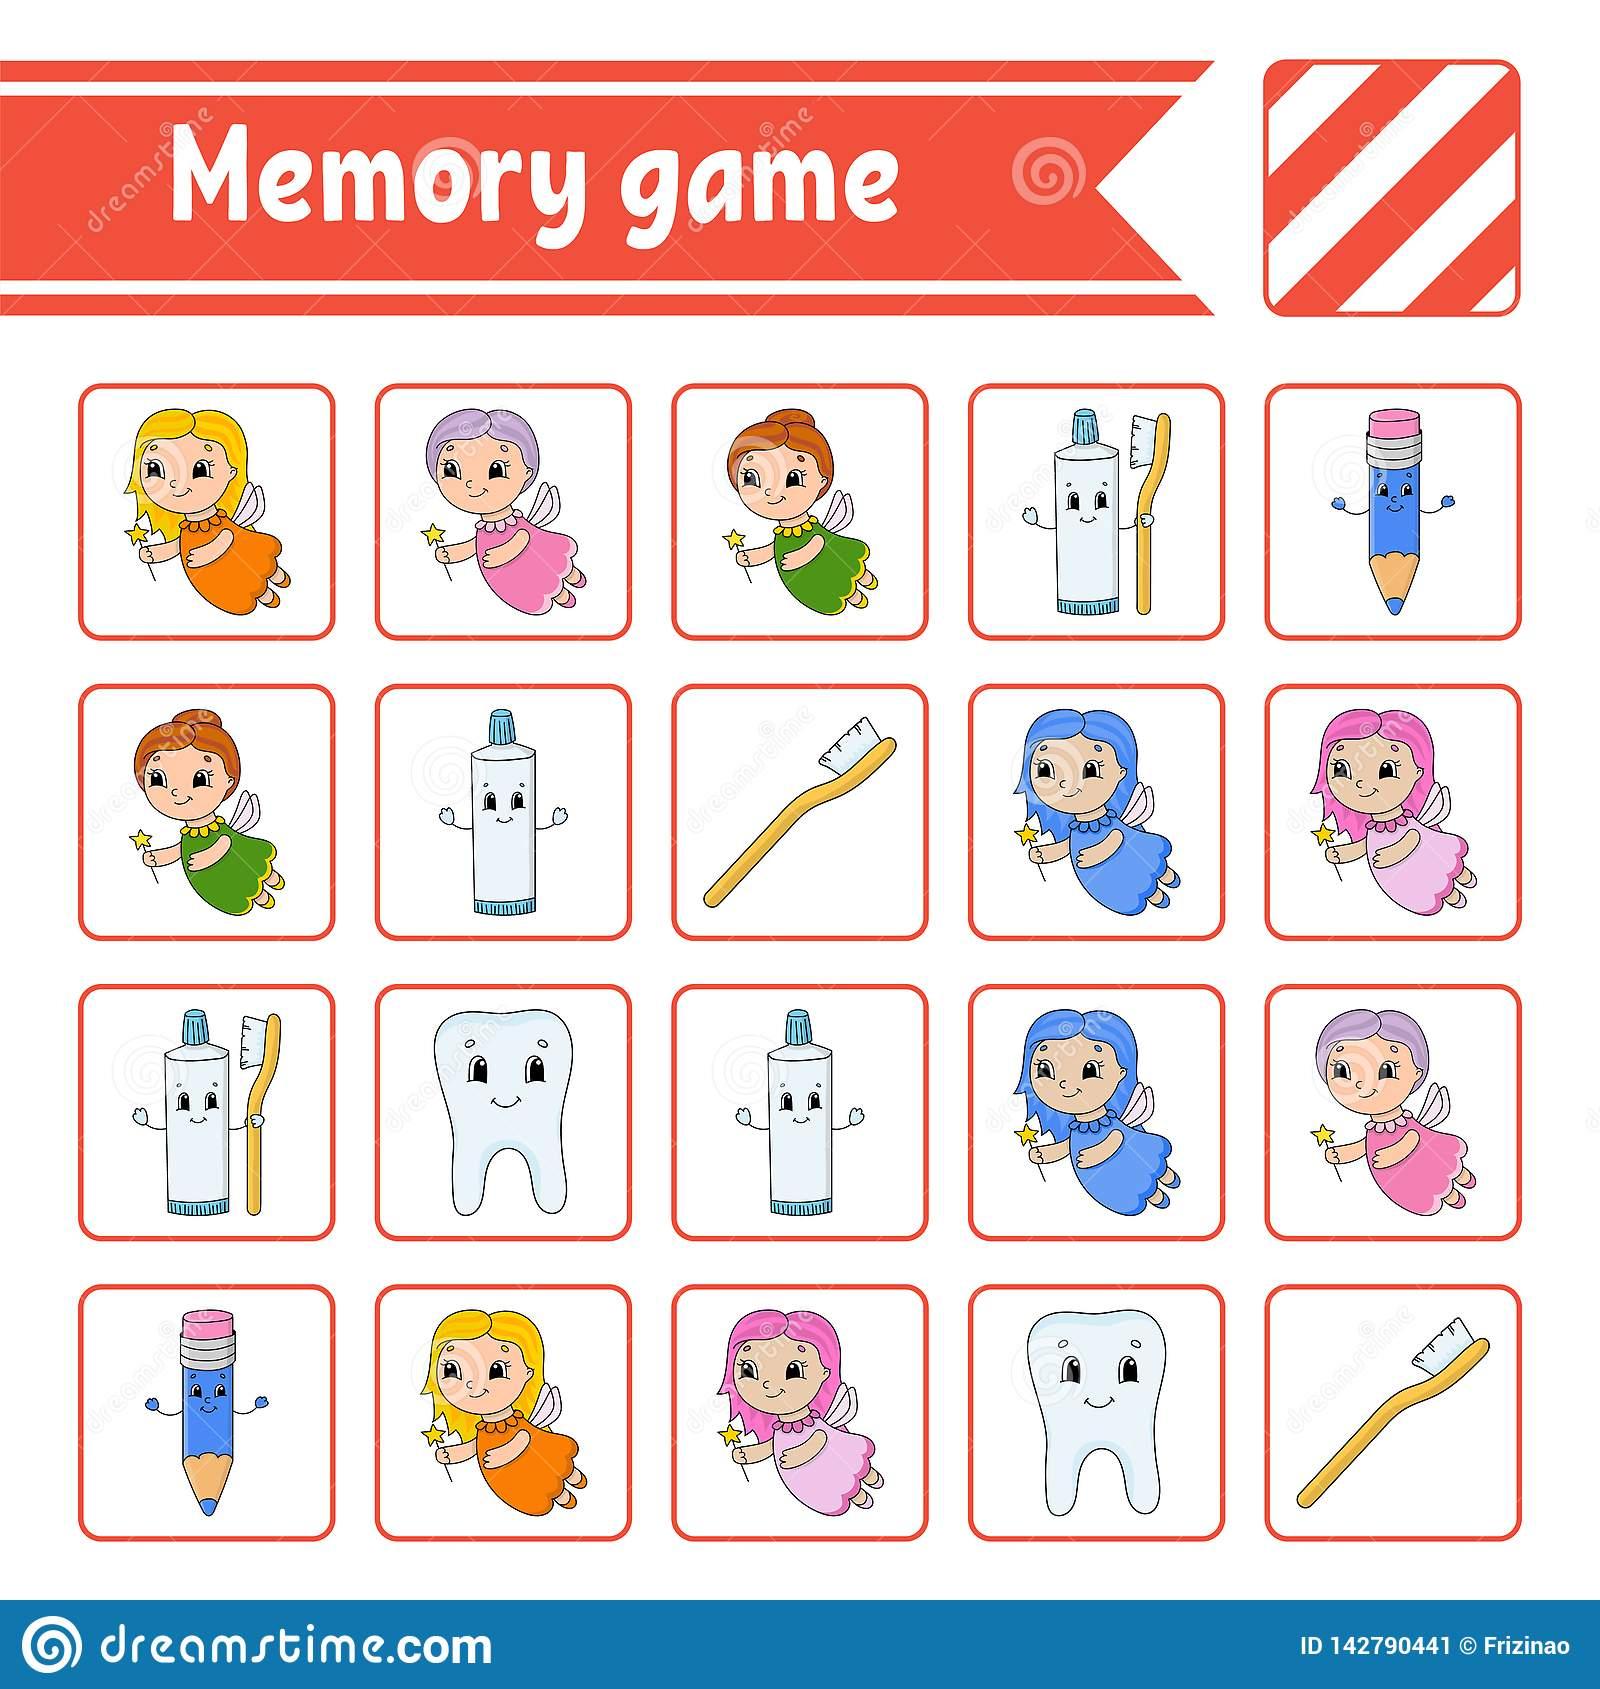 Jeux De Memoire Pour Enfant - Primanyc à Jeux De Mimoire